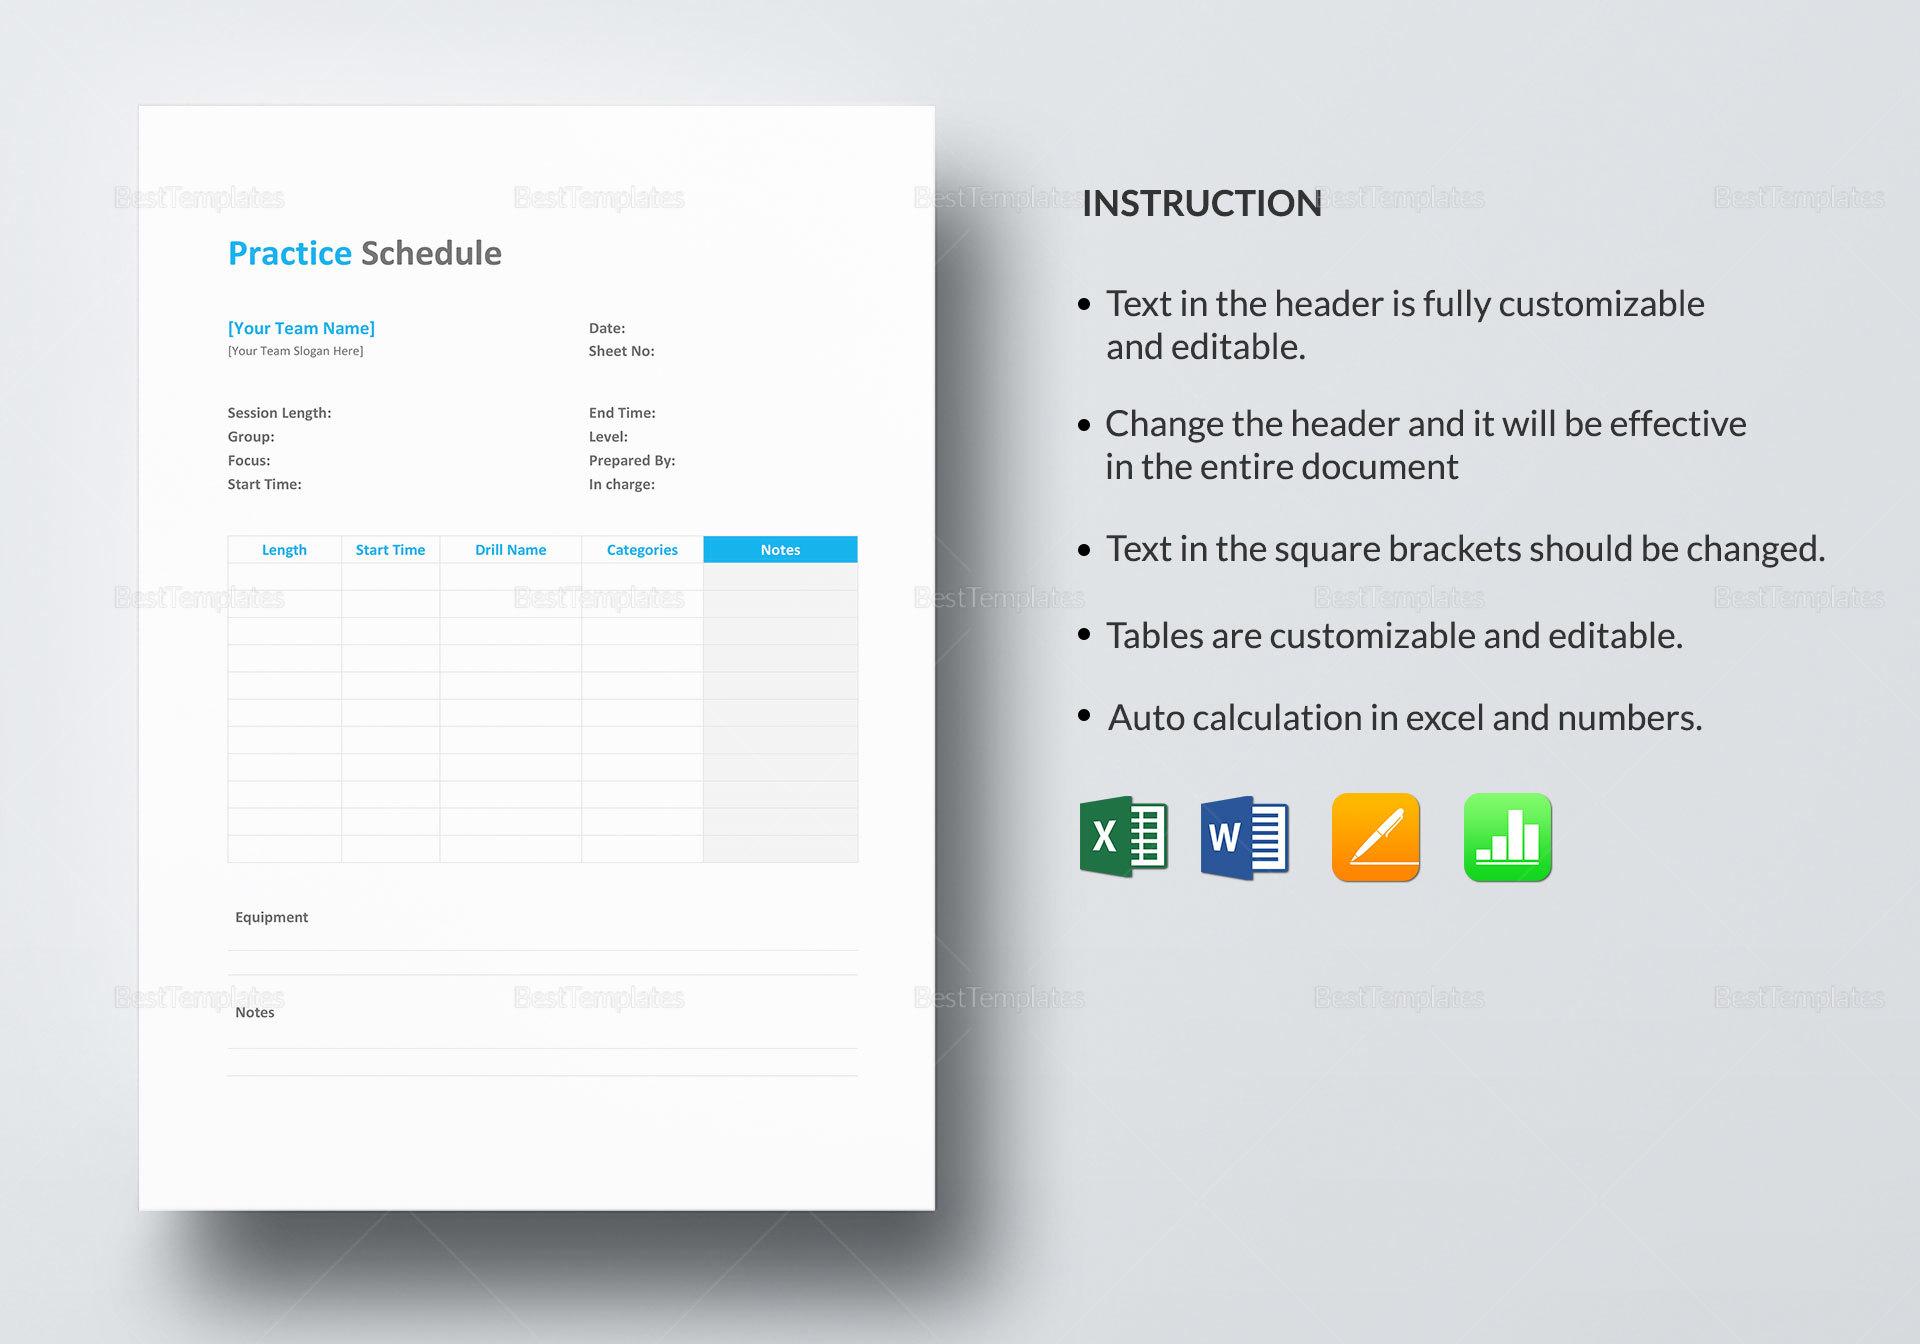 Practice Schedule Design